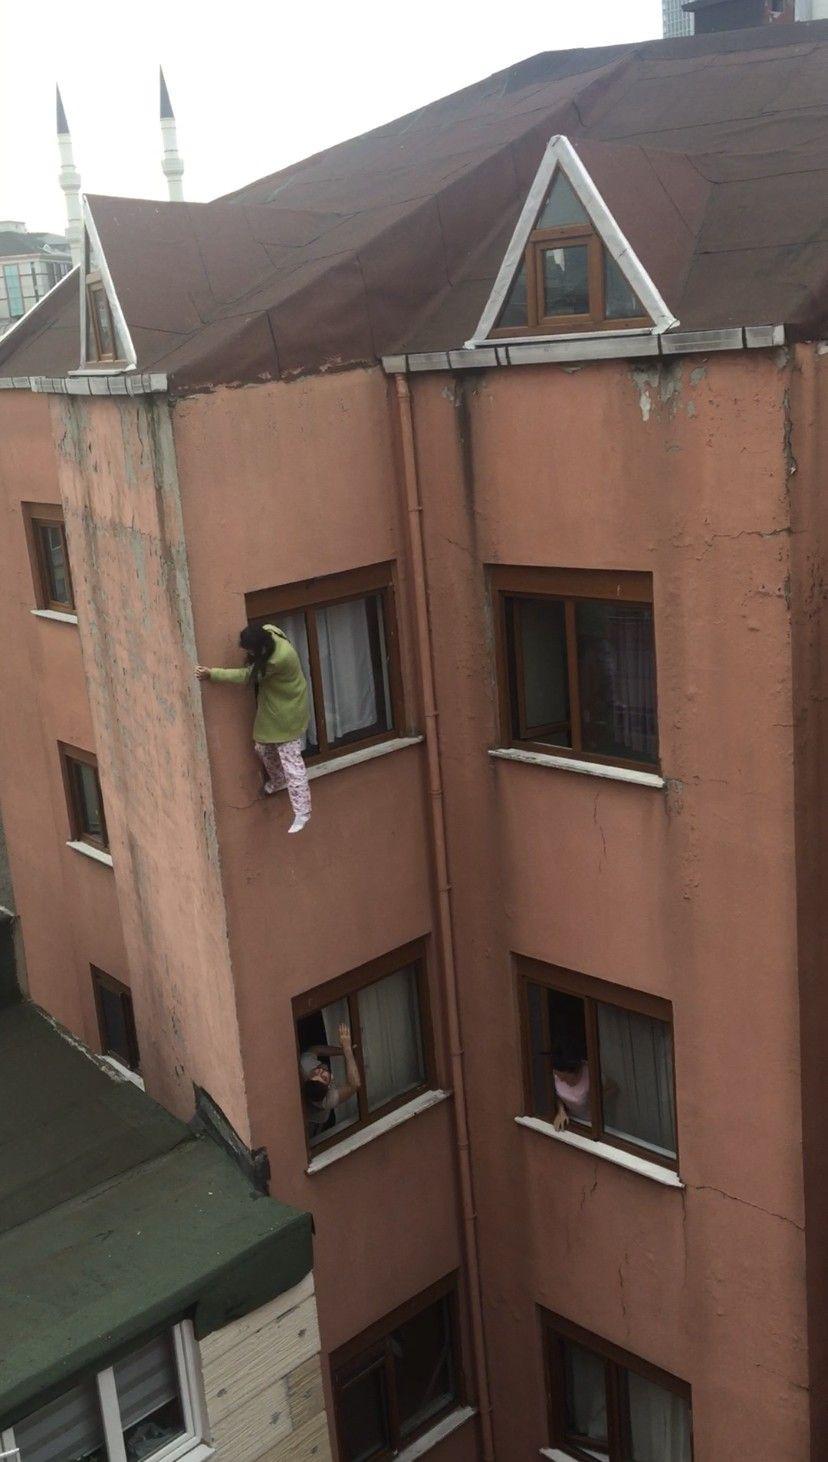 İkna etmek için çırpındılar ama yetmedi! Genç kız, kendini 4. kattan böyle aşağıya attı - Sayfa 3